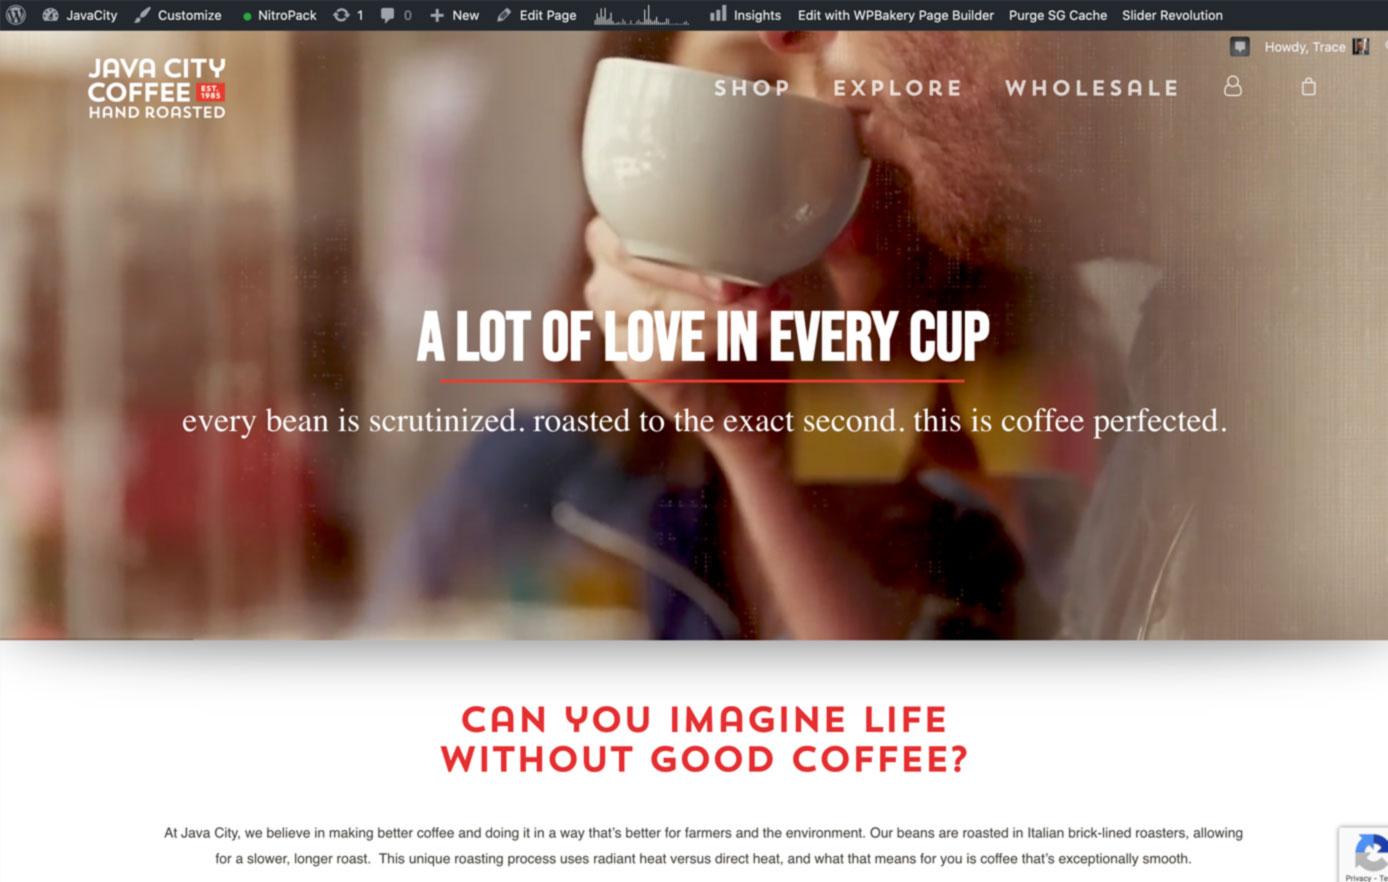 java city coffee, website design, ecommerce website design, online sales